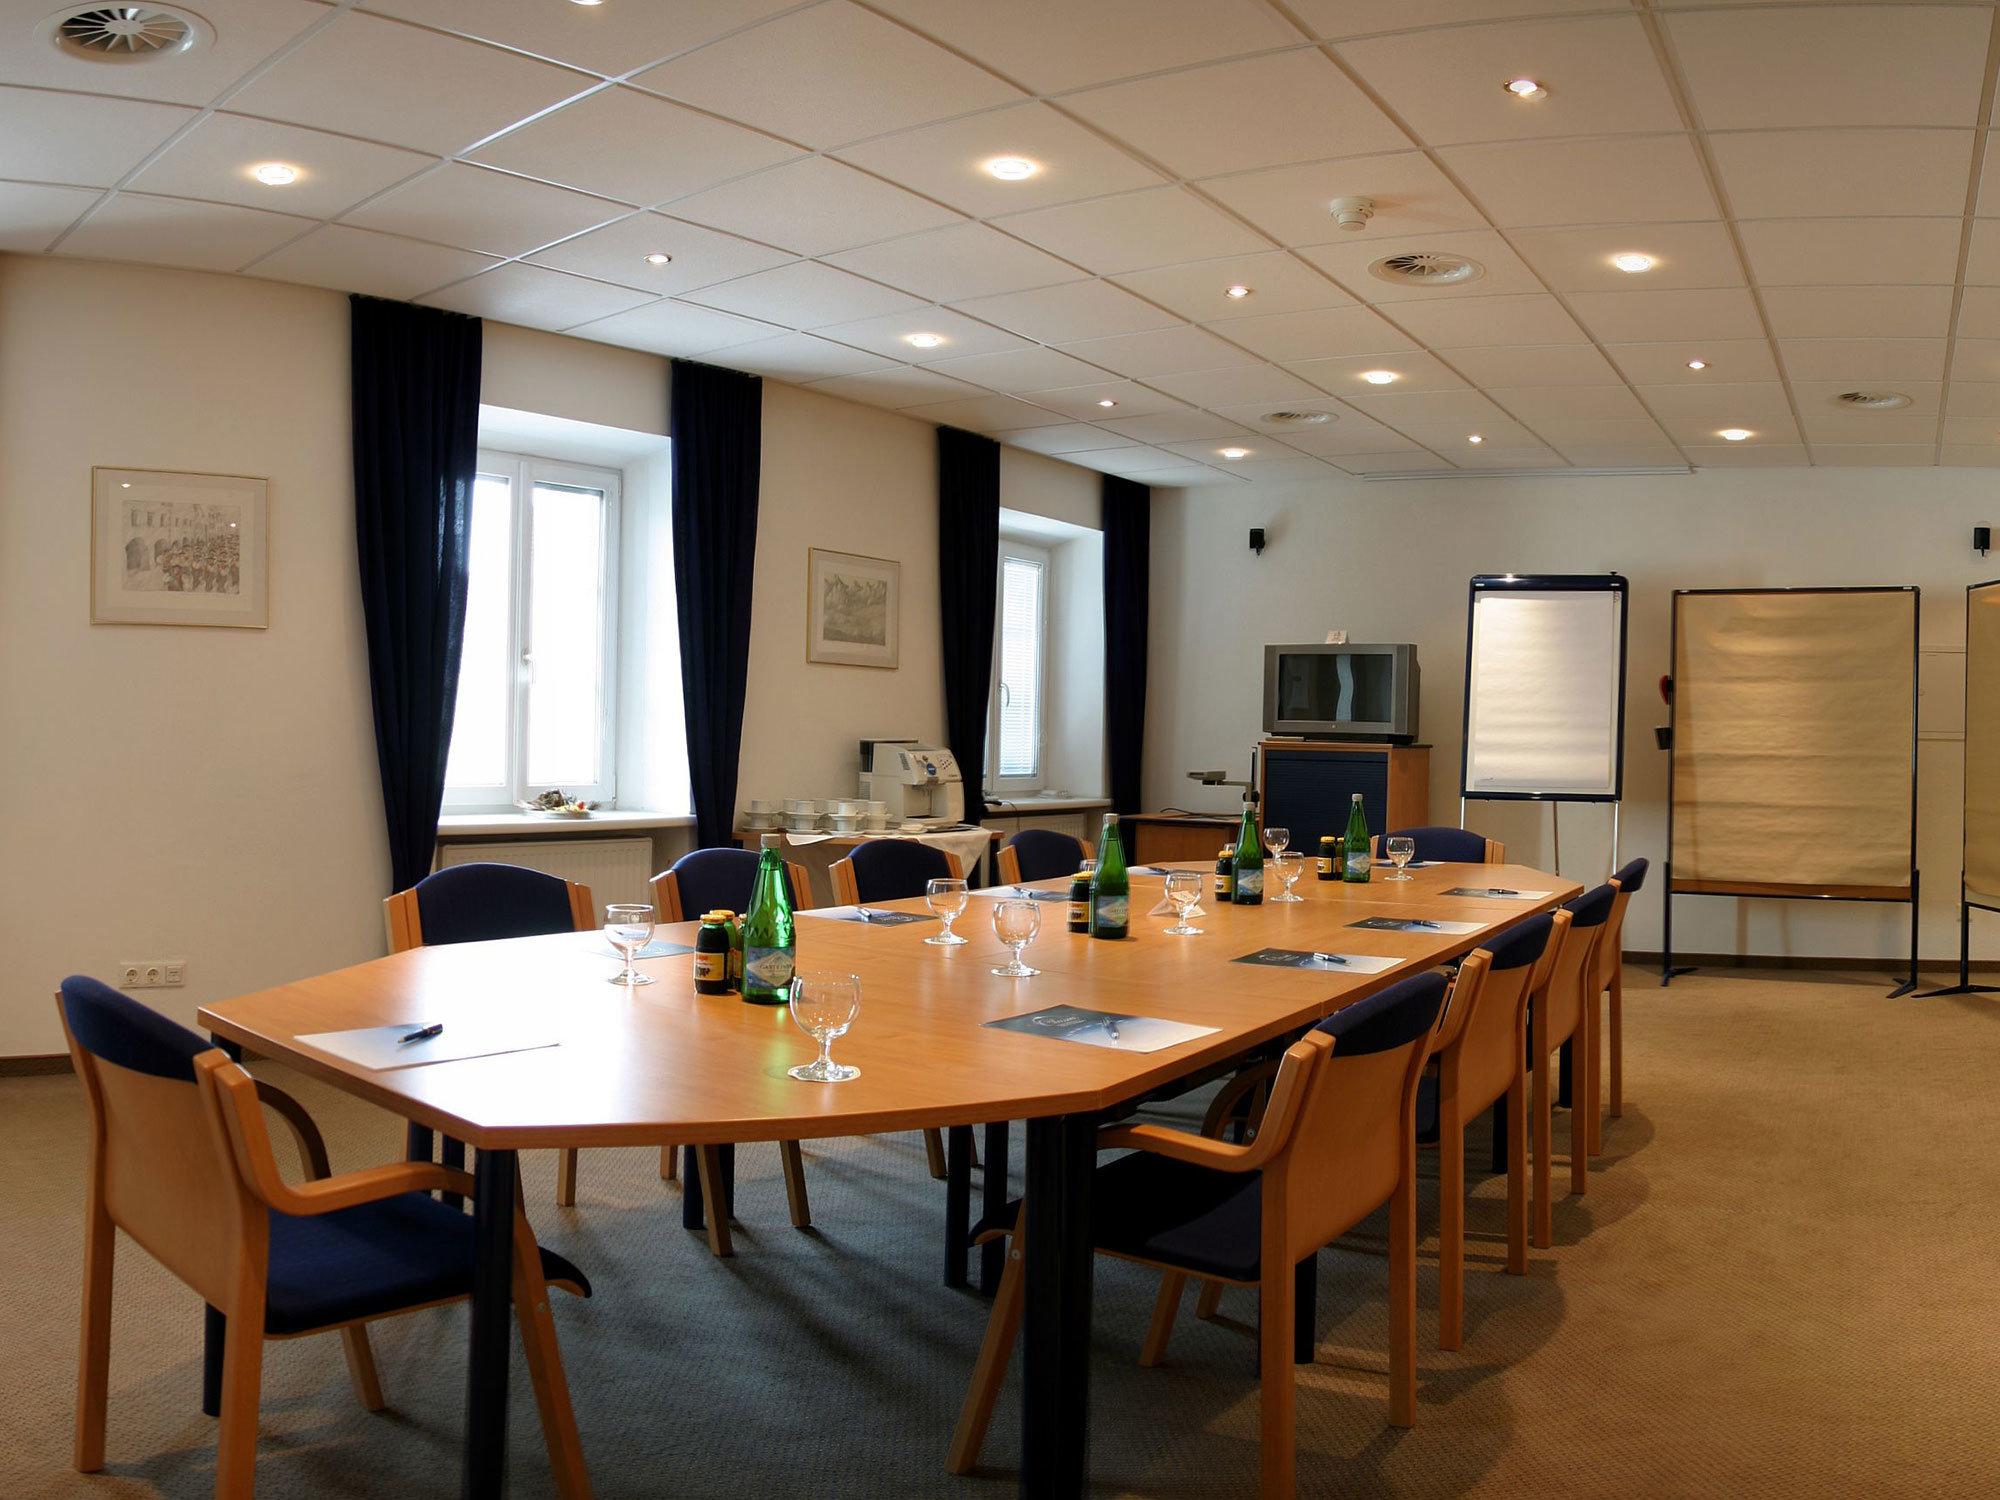 Seminarraum - Sitzung - Seminarhotel Heiligkreuz Hall bei Innsbruck